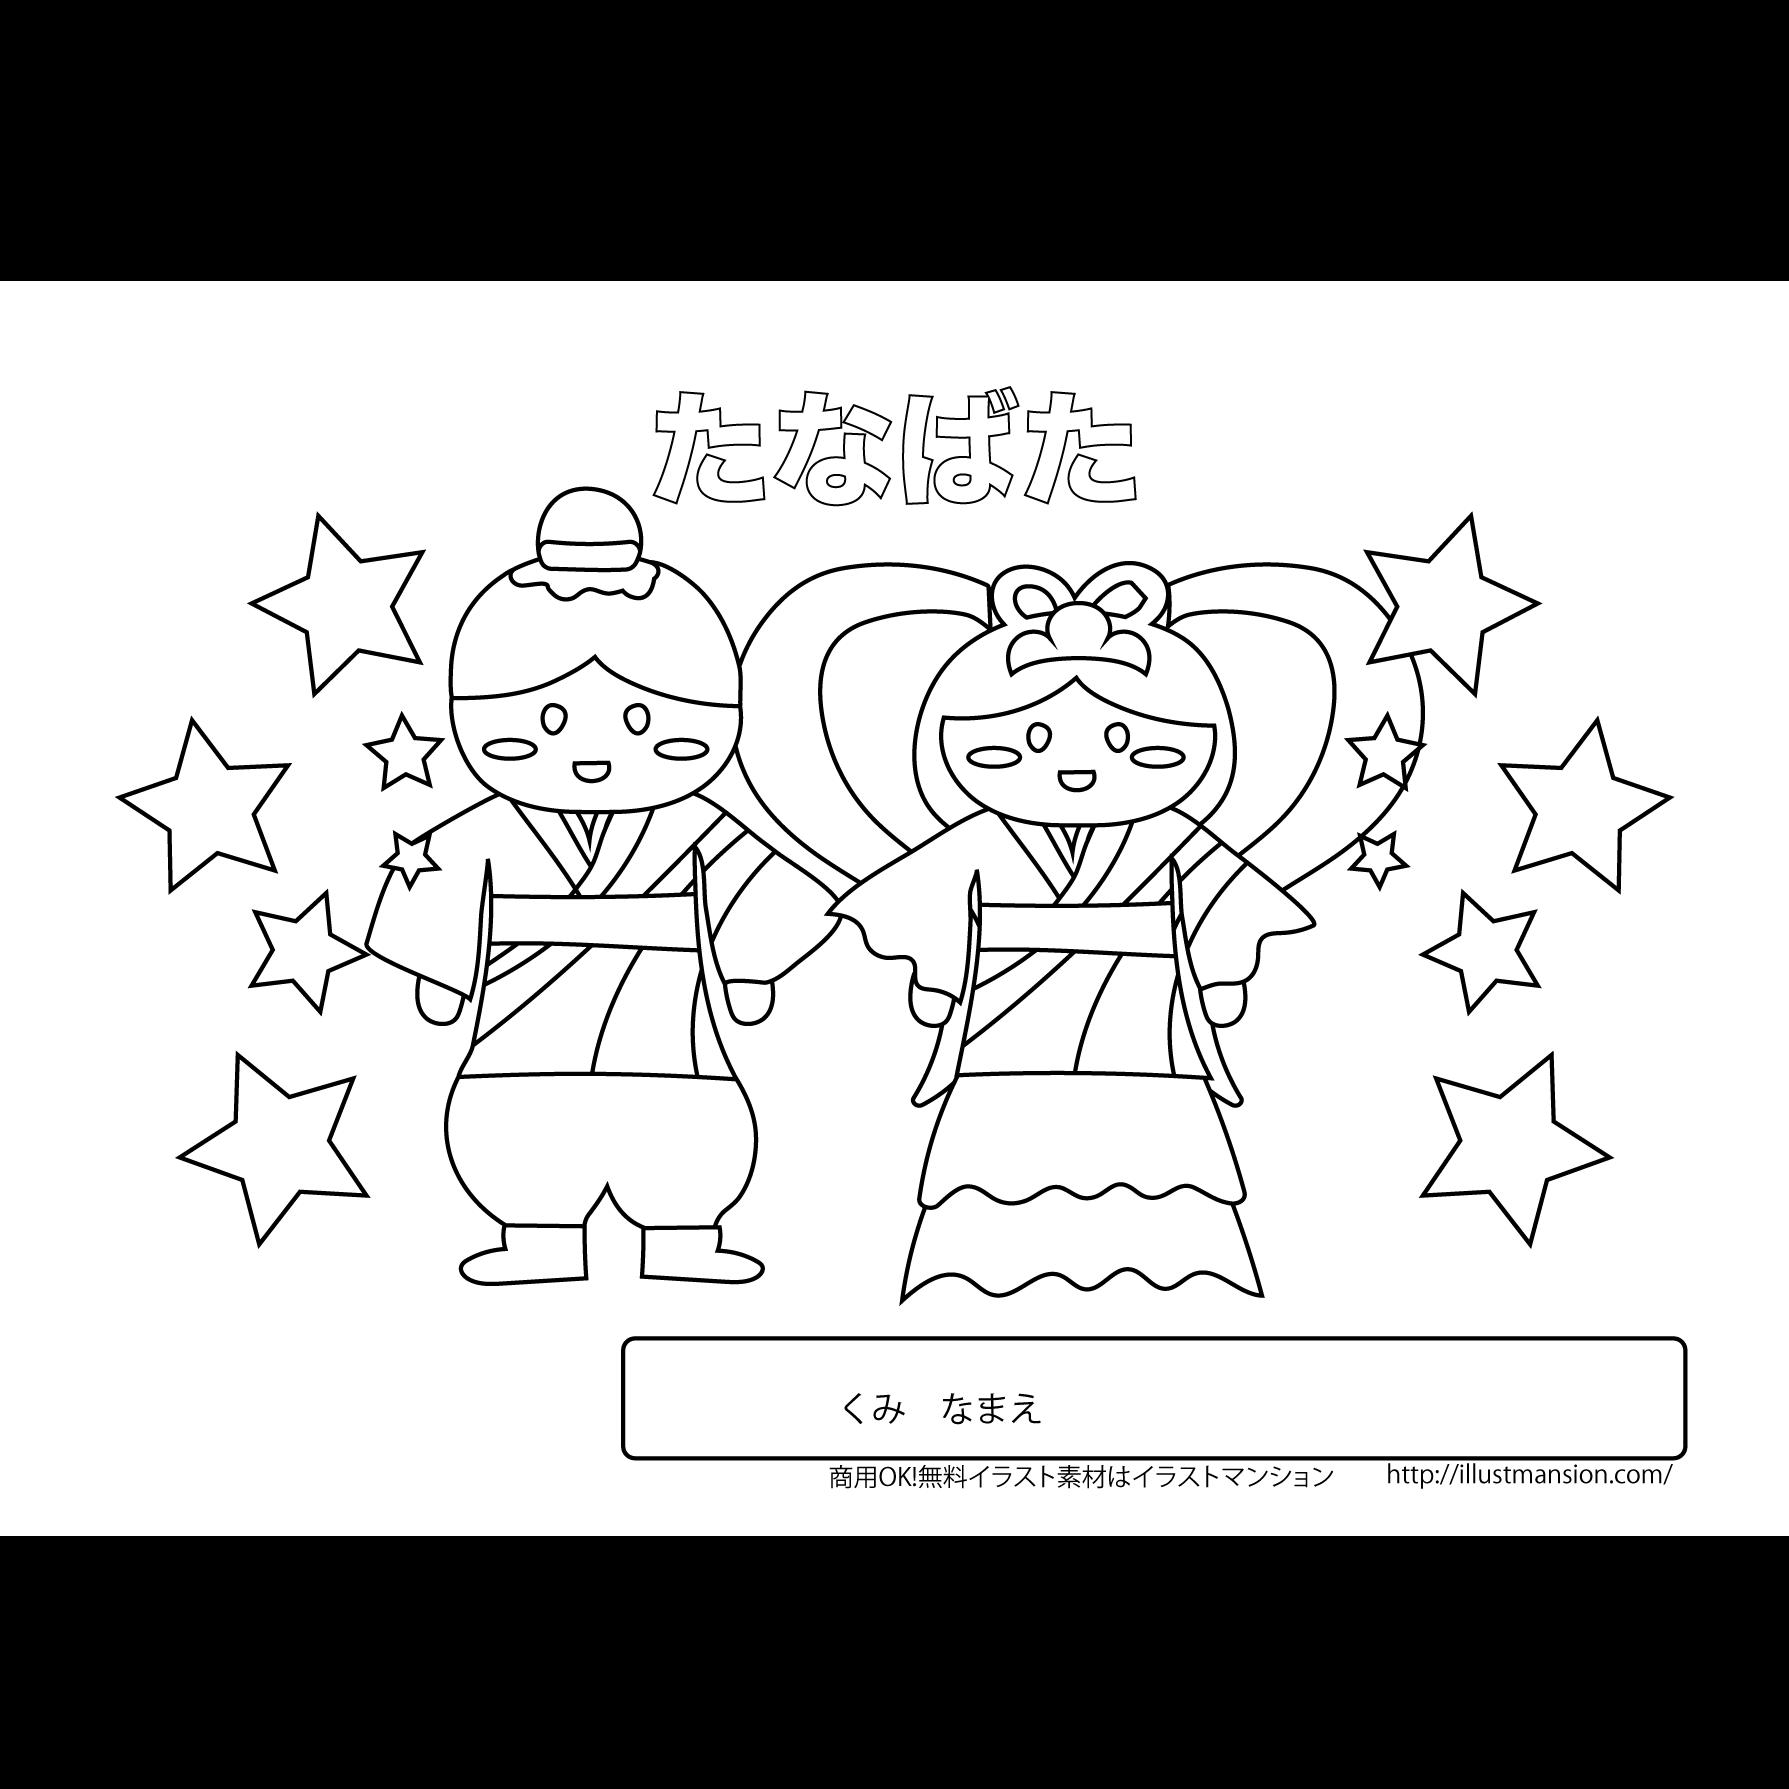 七夕かわいい織姫と彦星 無料 ぬりえ イラスト 商用フリー無料